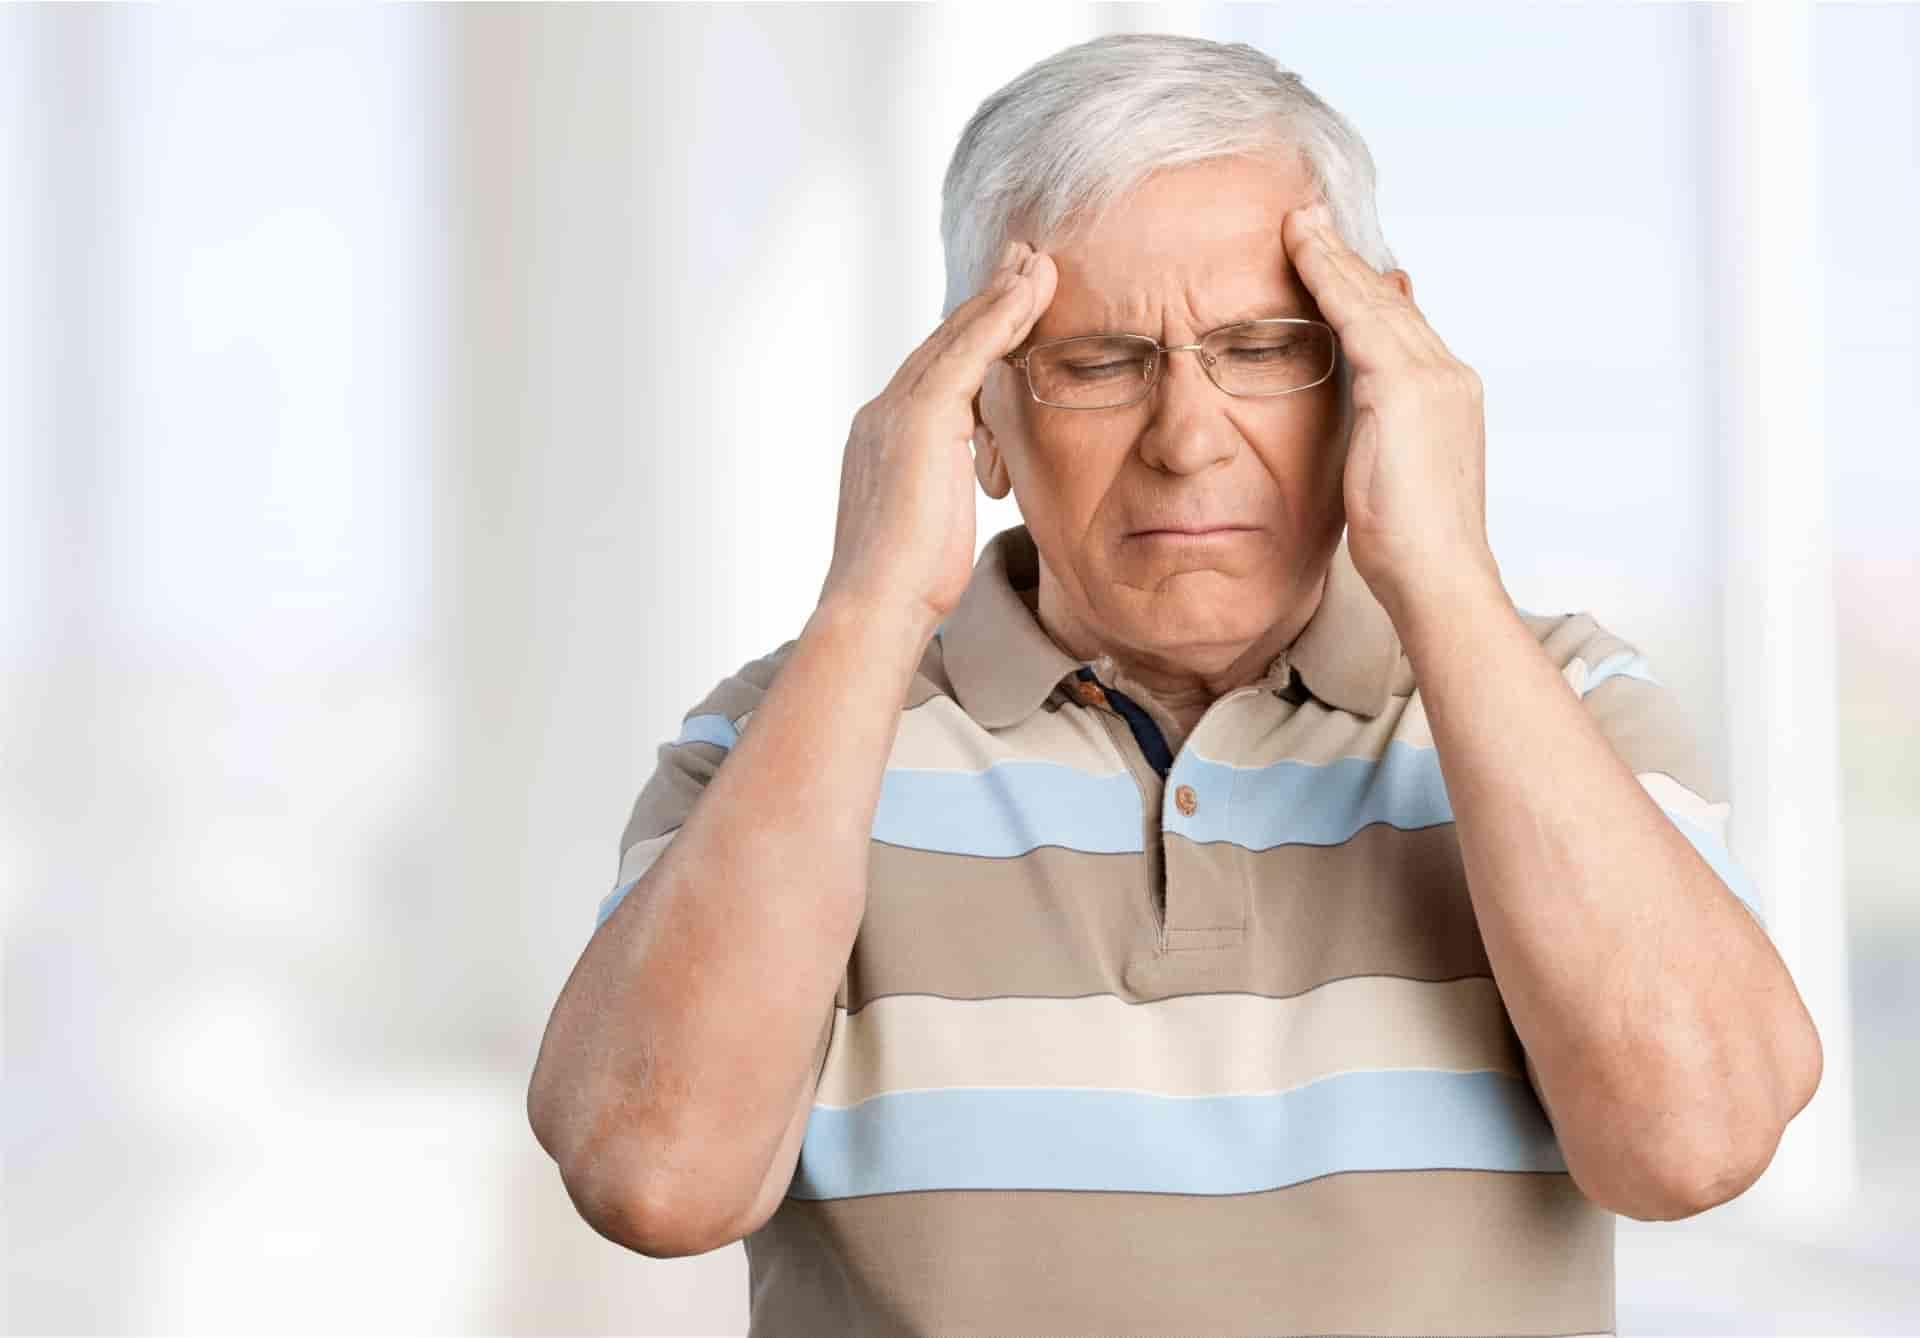 Top 8 thuốc bổ não cho người già hiệu quả nhất hiện nay(1)